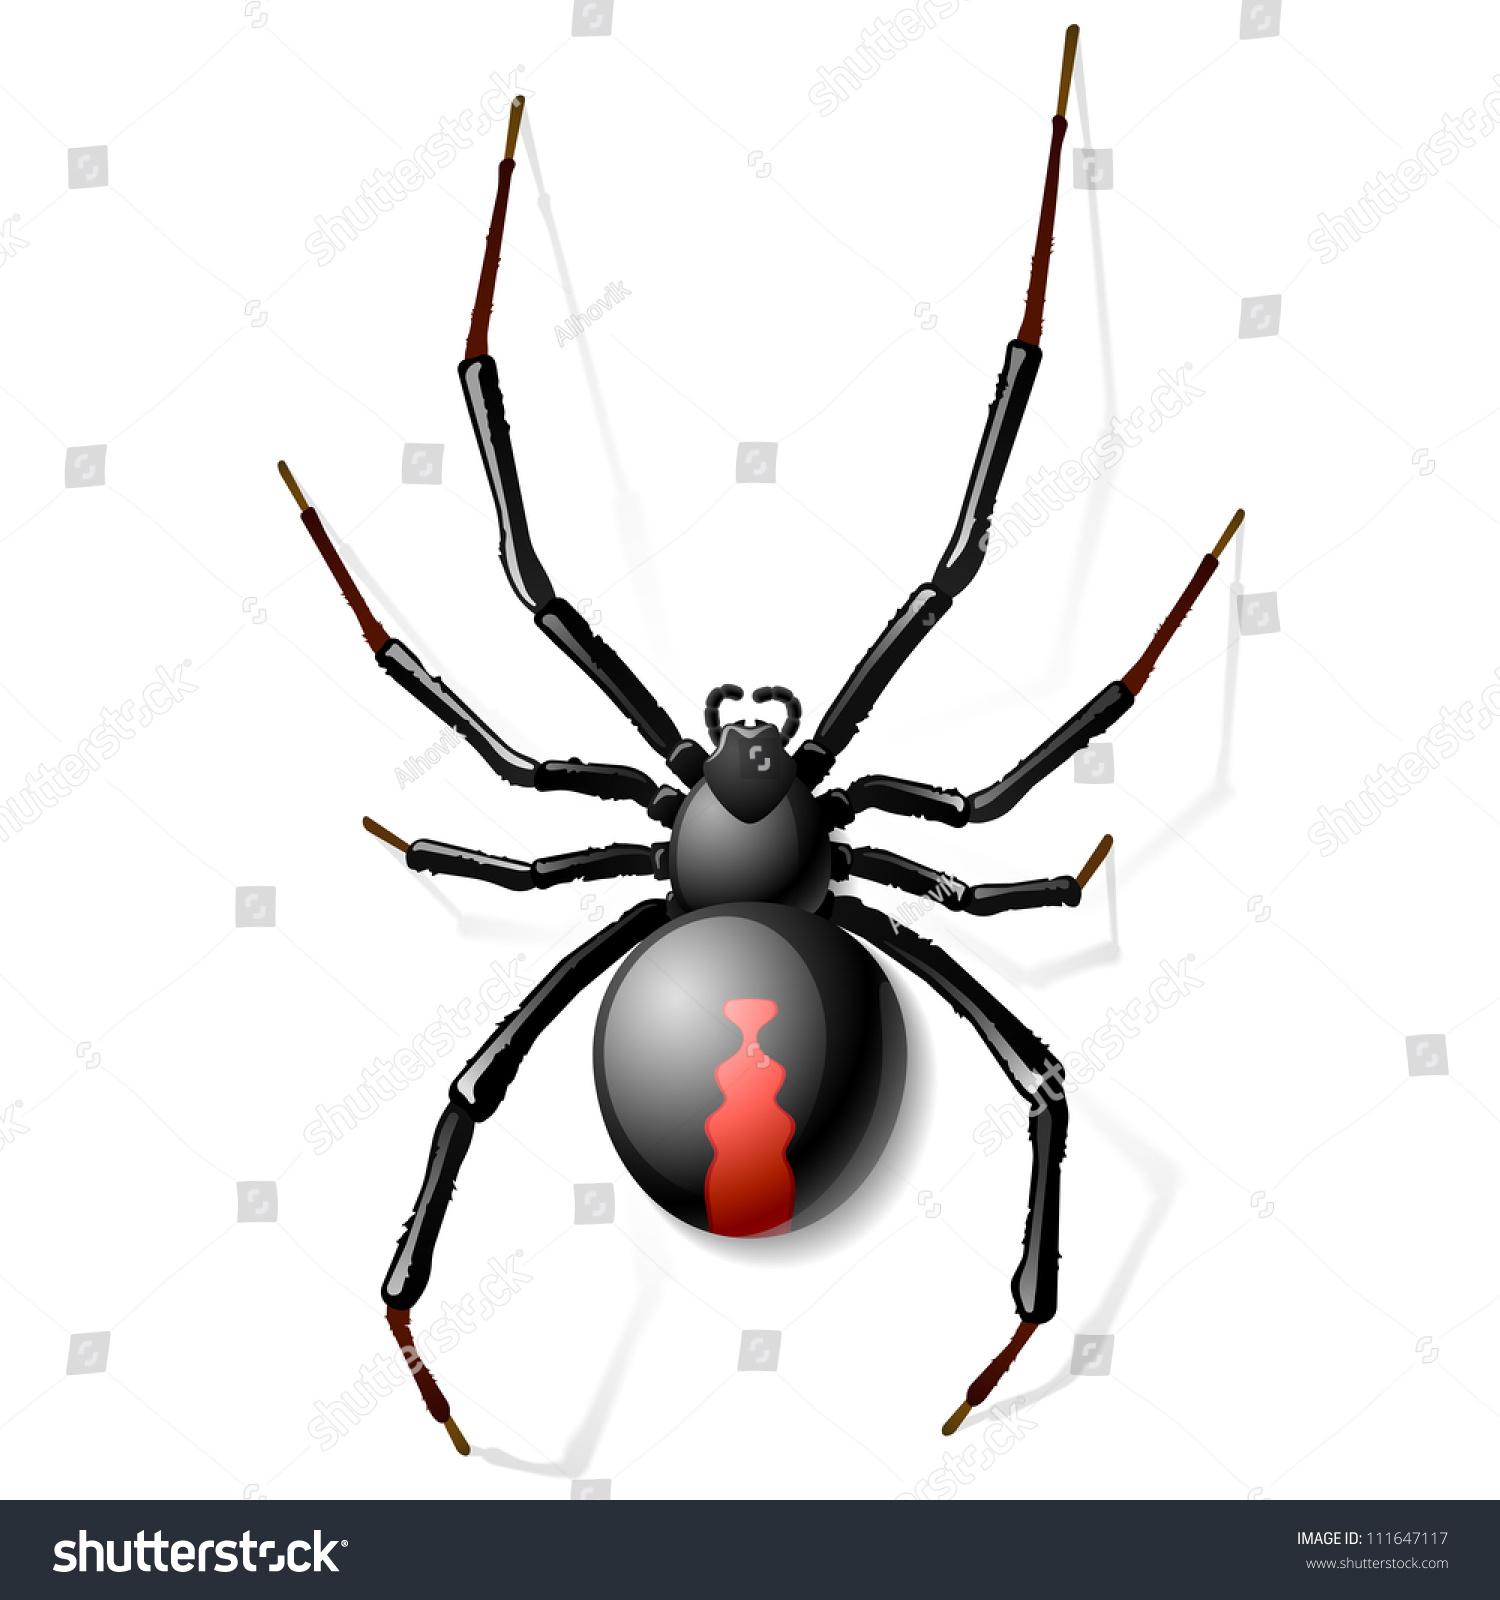 metallica diagram black widow spider vector 111647117 shutterstock  black widow spider vector 111647117 shutterstock